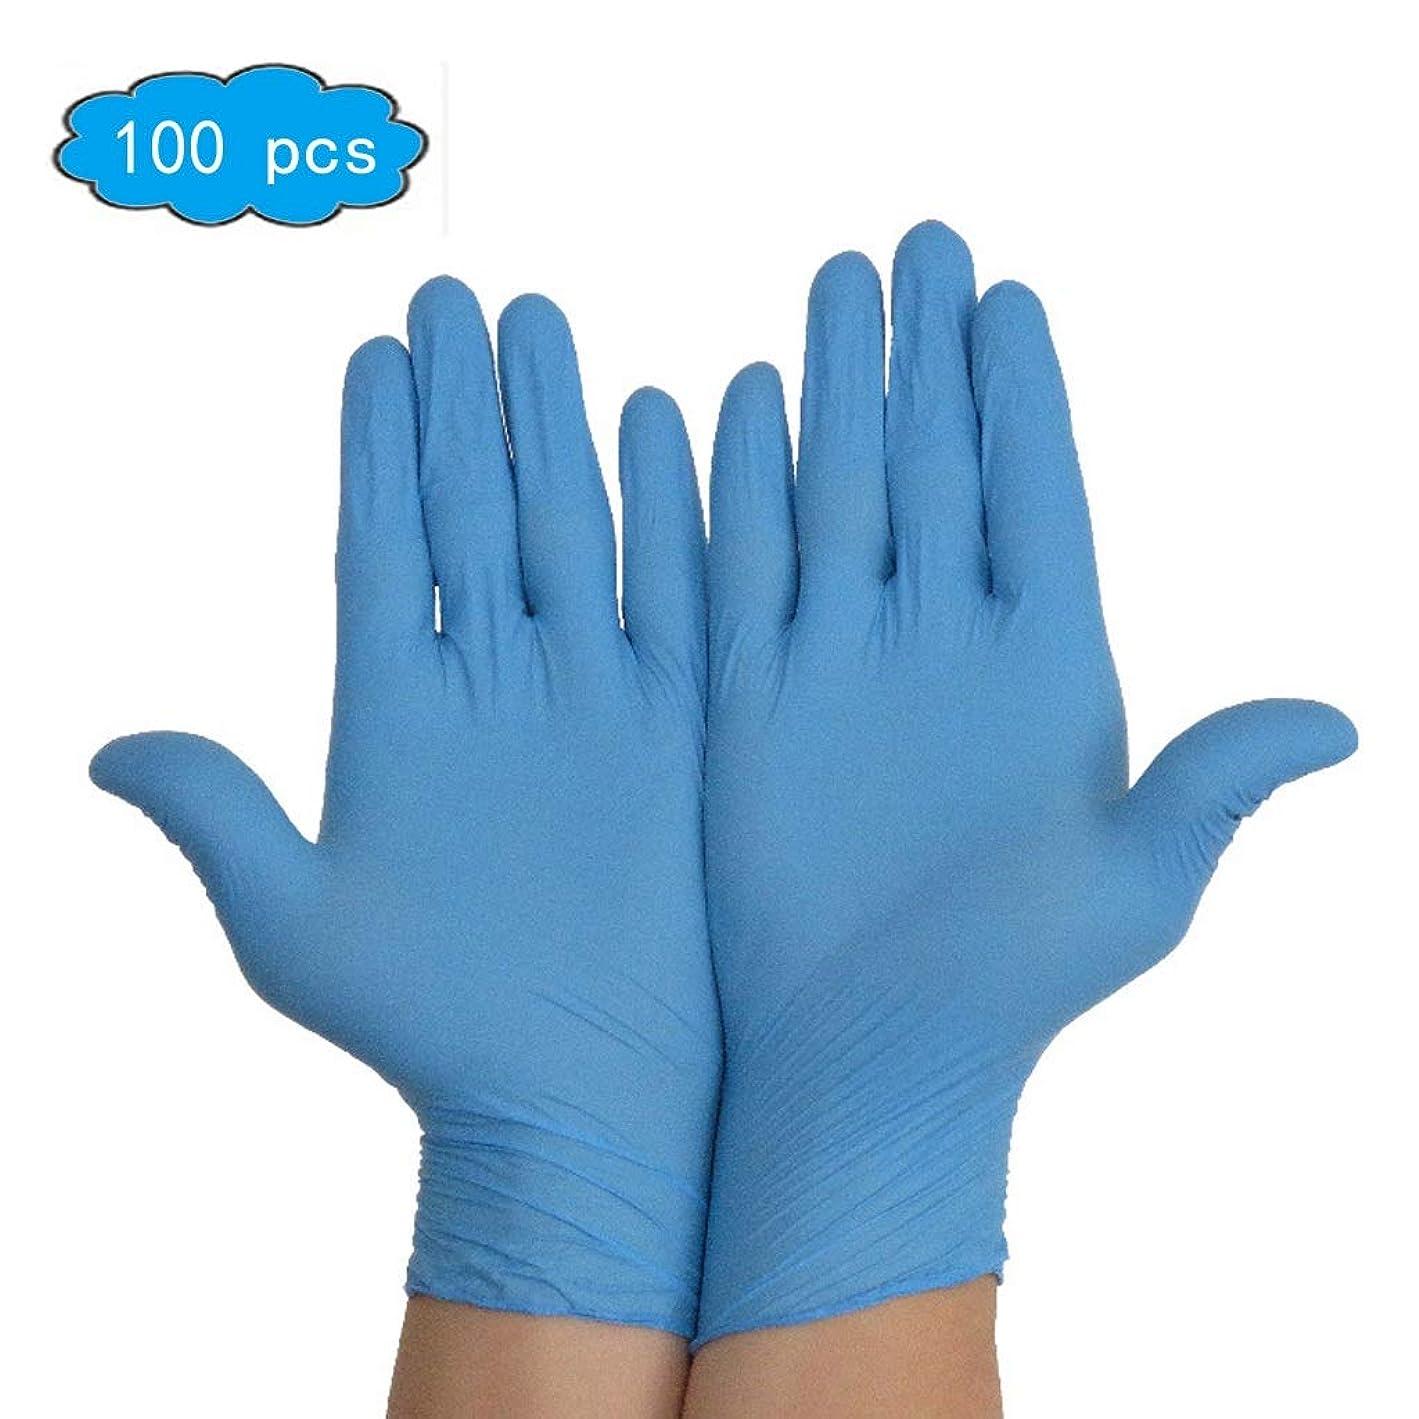 該当する共同選択信じるニトリル手袋 - パウダーフリー、ラテックスラバーフリー、試験医療グレード、使い捨て、非滅菌、食品安全、テクスチャード加工、青色、便利なディスペンサー100パック、手と腕の保護 (Color : Blue, Size : M)